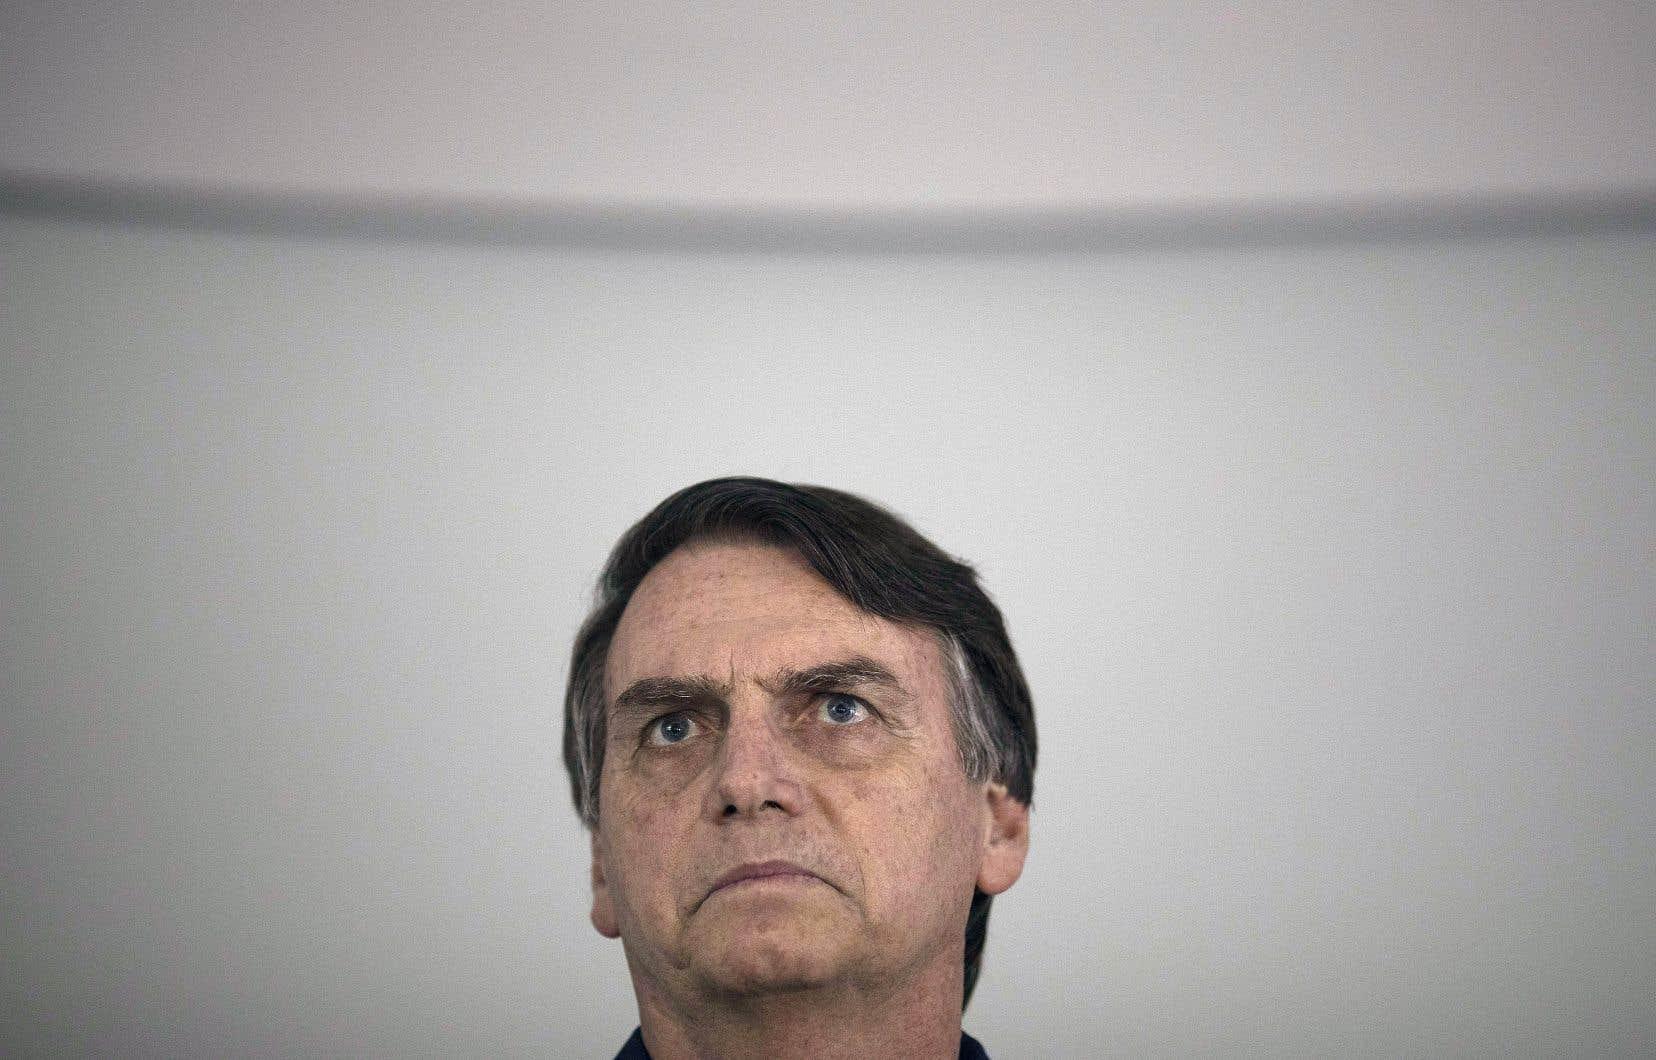 Jair Bolsonaro lors d'une conférence de presse à Rio de Janeiro le 25 octobre